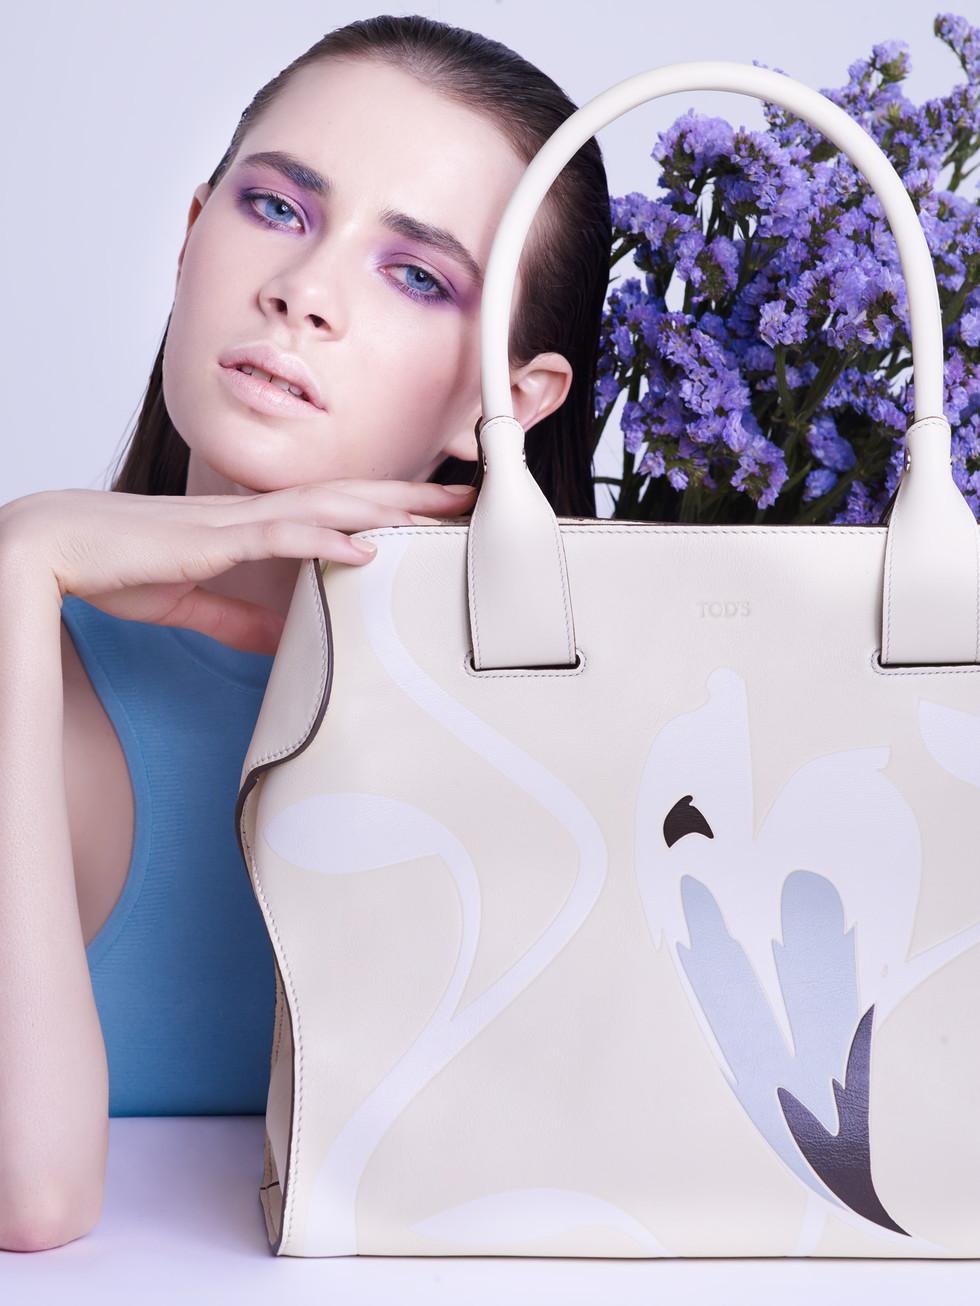 2015_Vogue_Bags&flowers43551.jpg